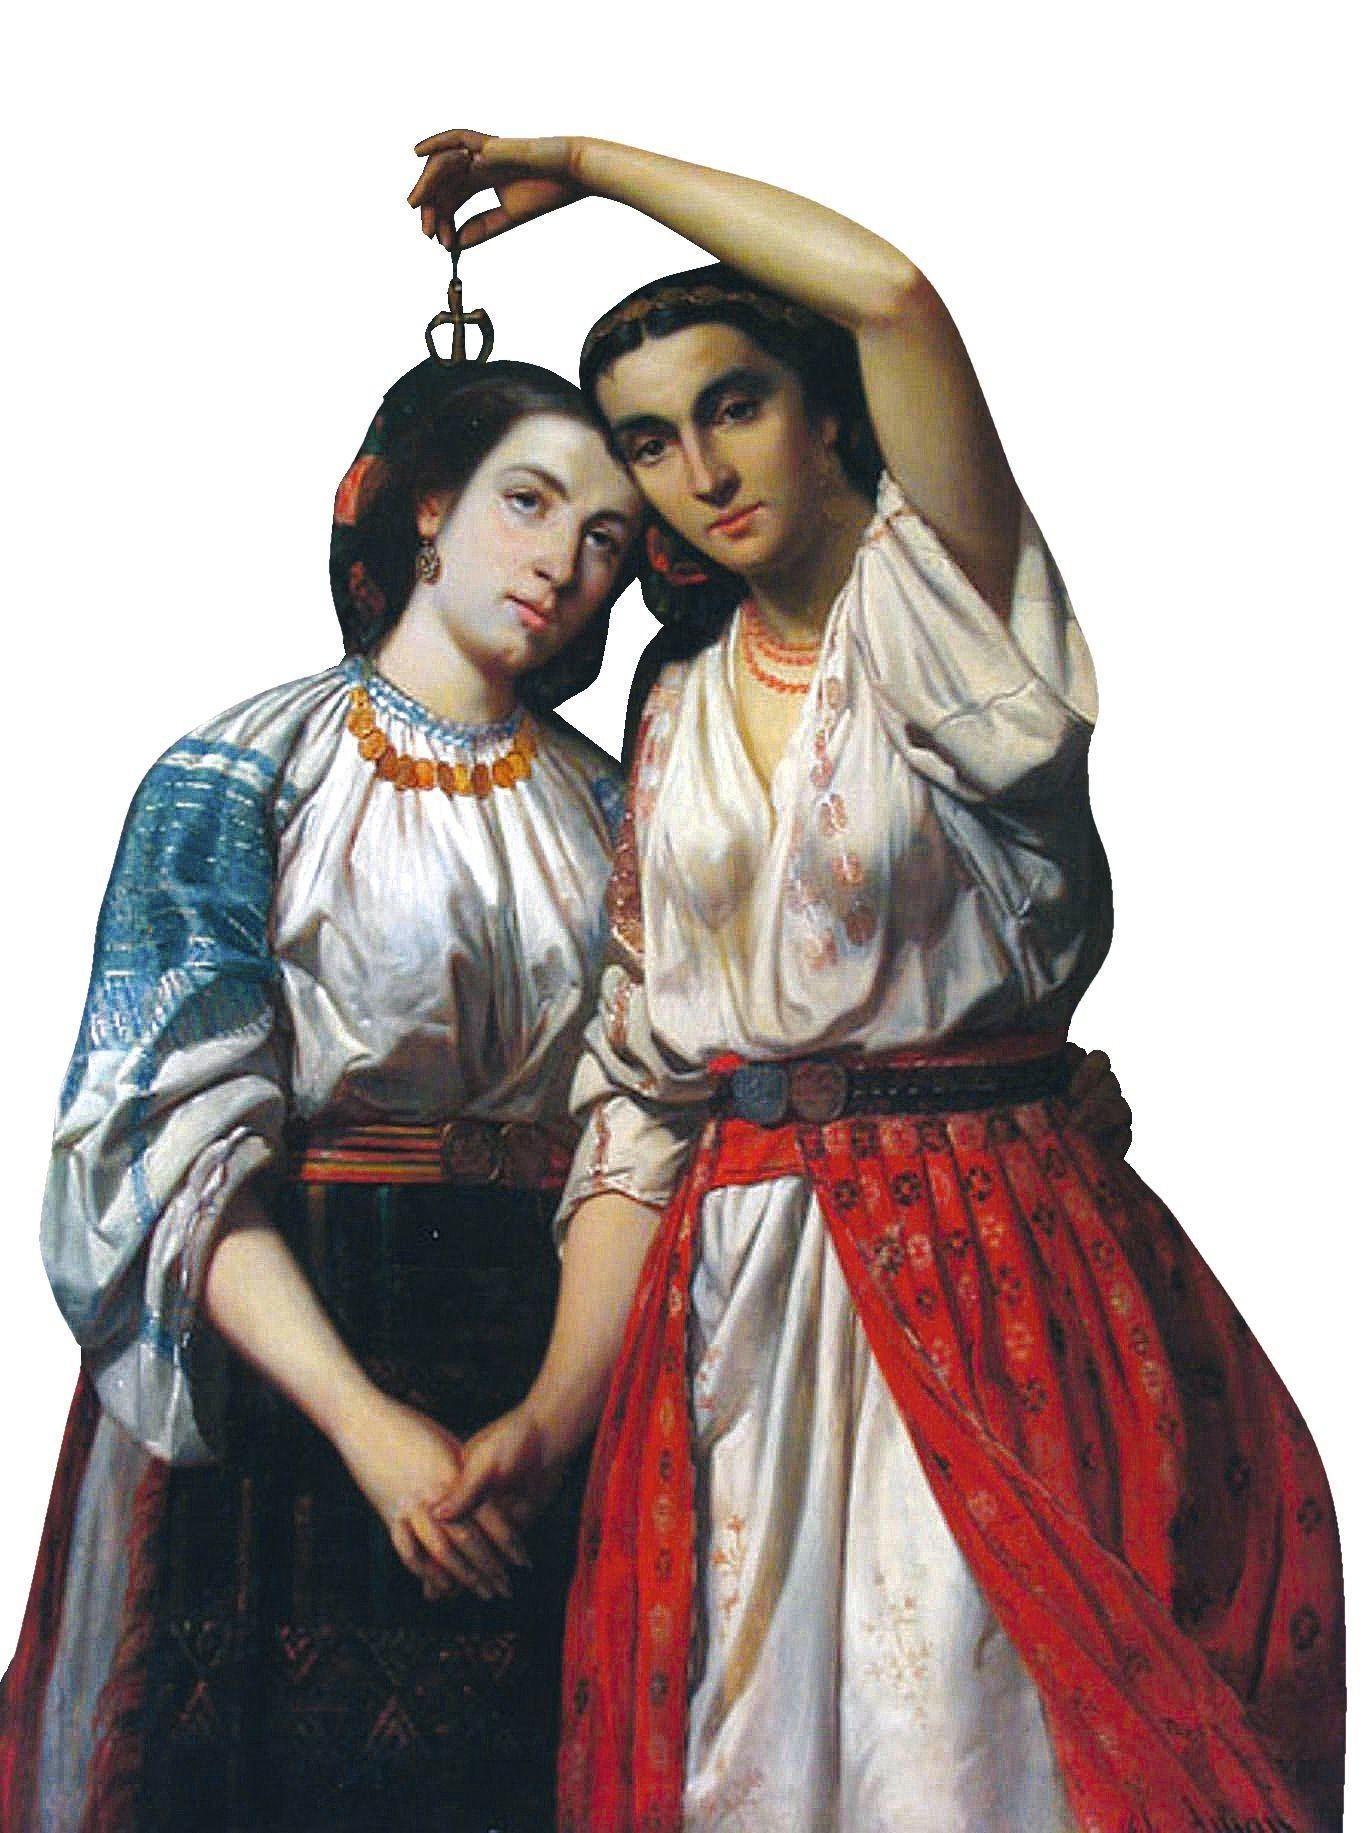 Theodor Aman, Union des principautés, 1859, huile sur toile, 130 x 97 cm, Metropolitan Museum, Iaşi.